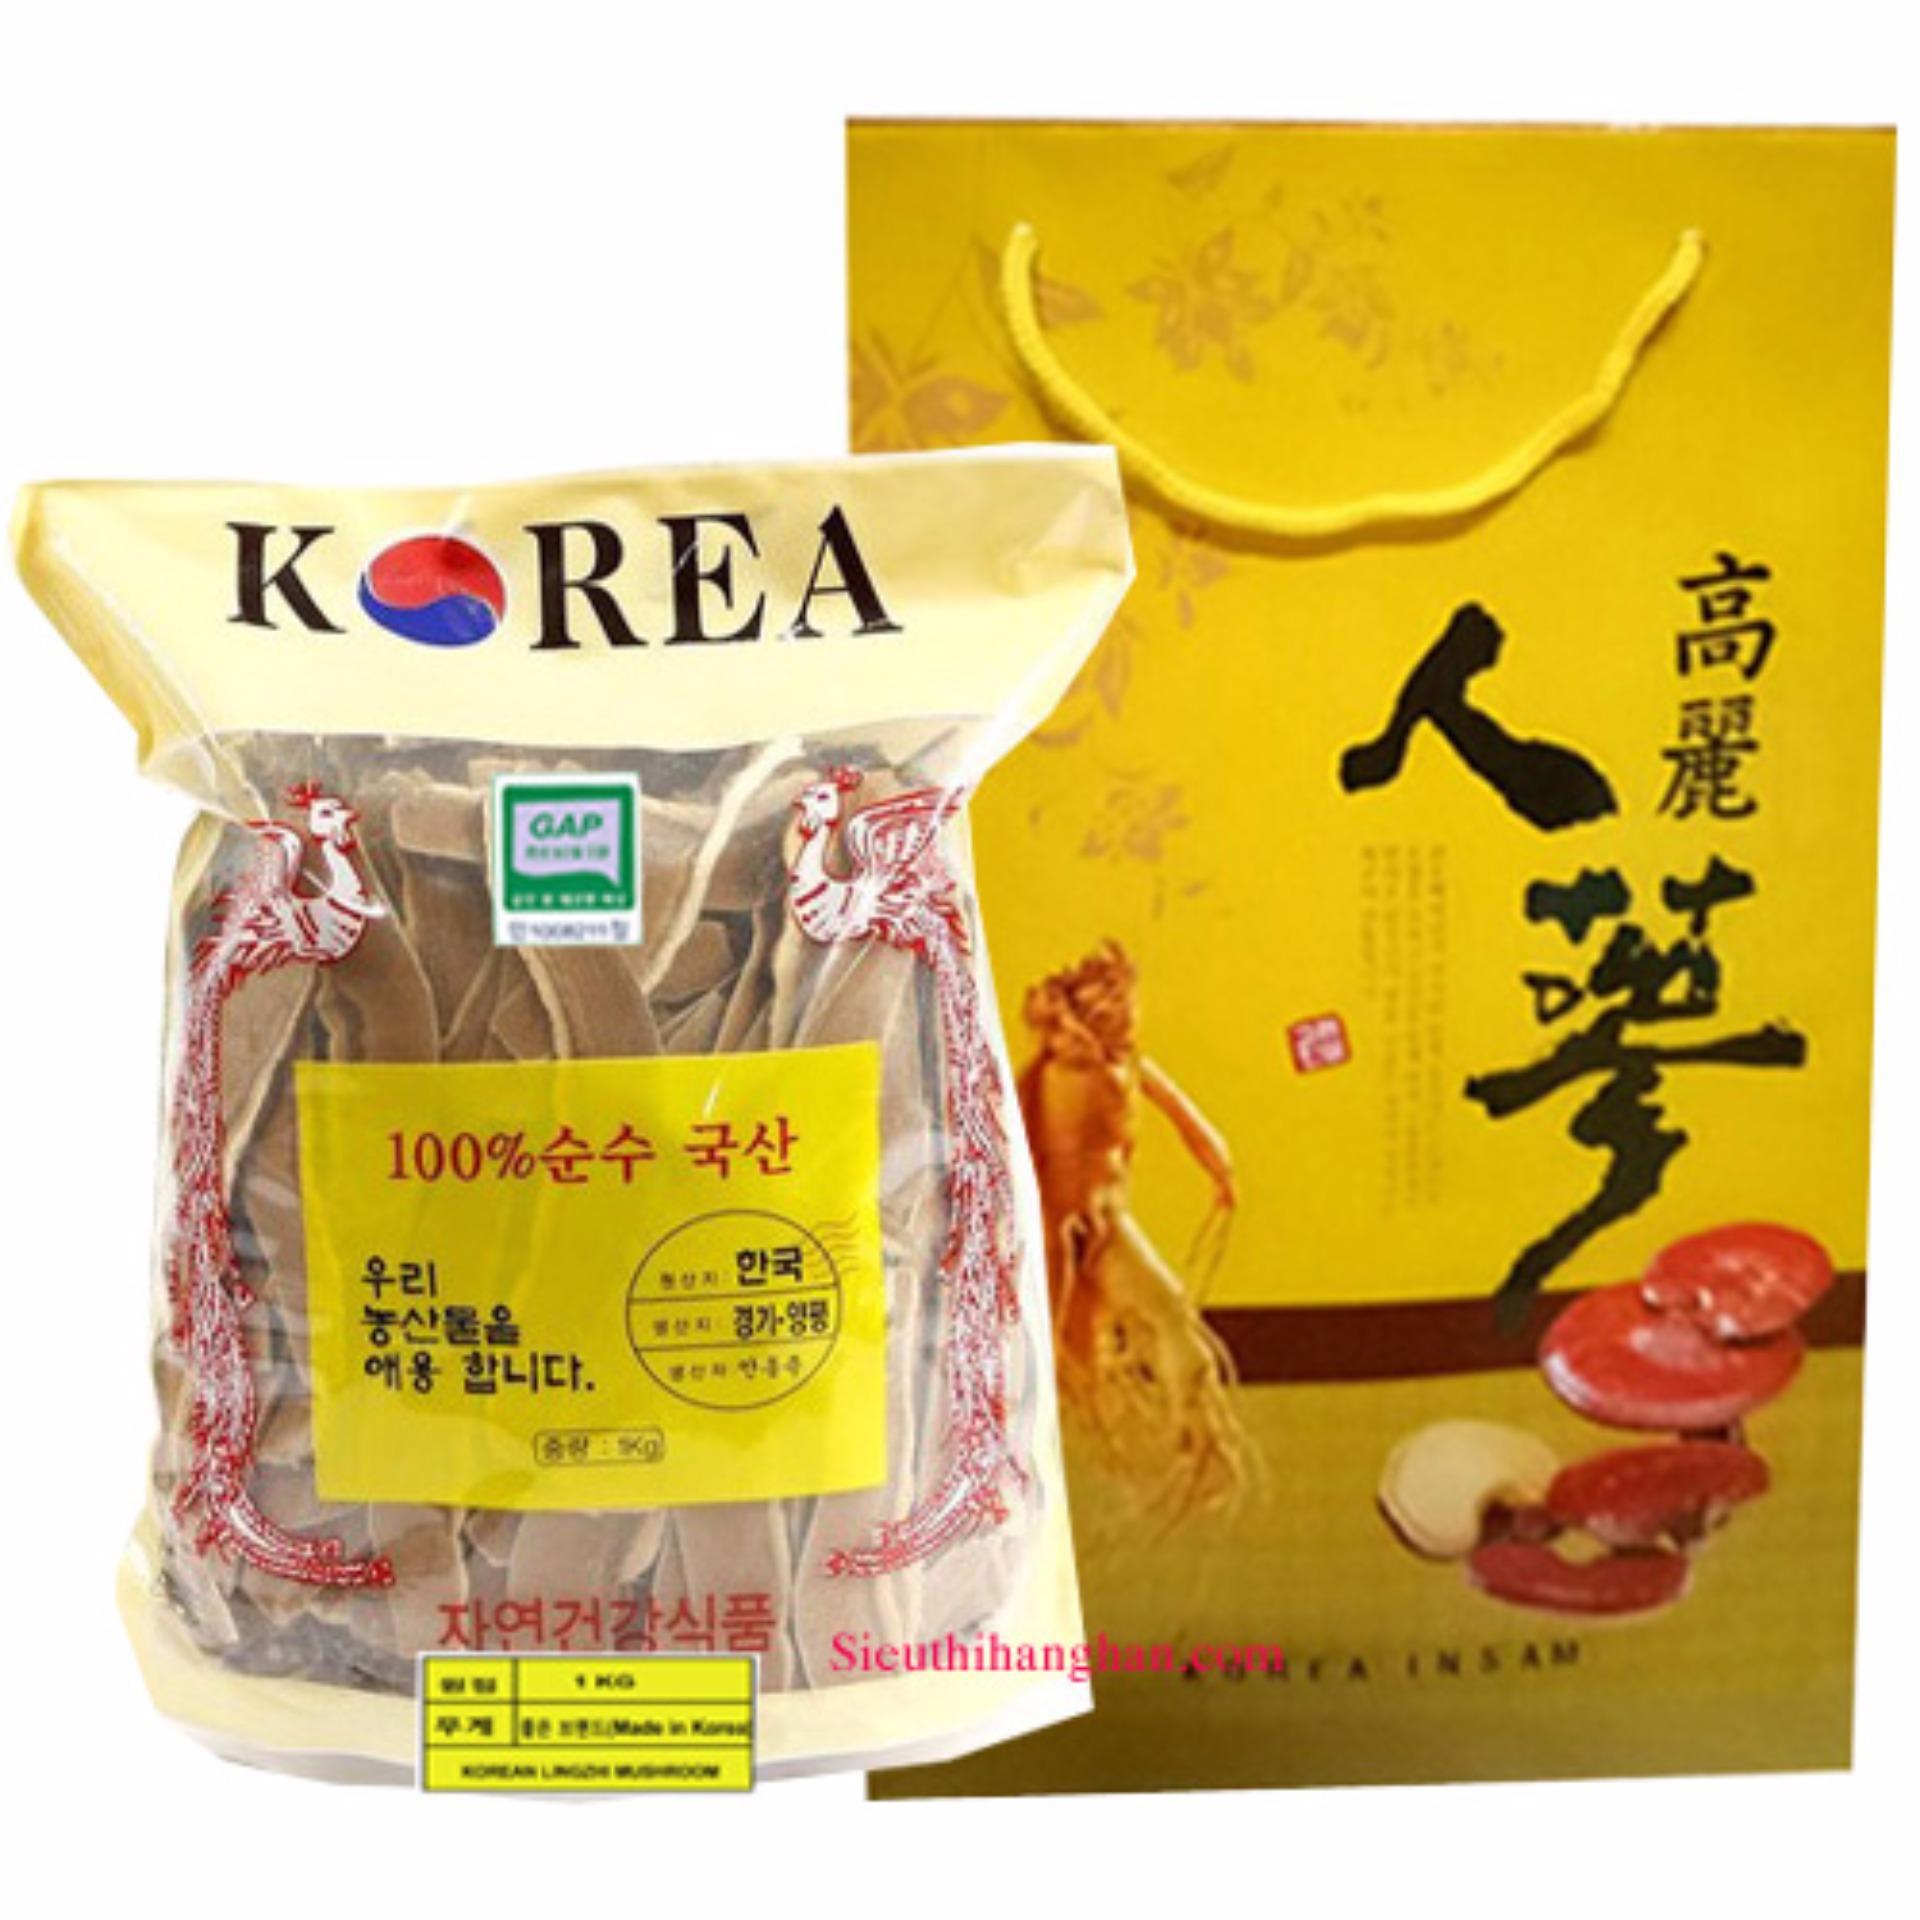 Nấm Linh Chi Hàn Quốc Cao Cấp thái lát 1 Kg - HÀNG MỚI VỀ - ĐANG TRỢ GIÁ